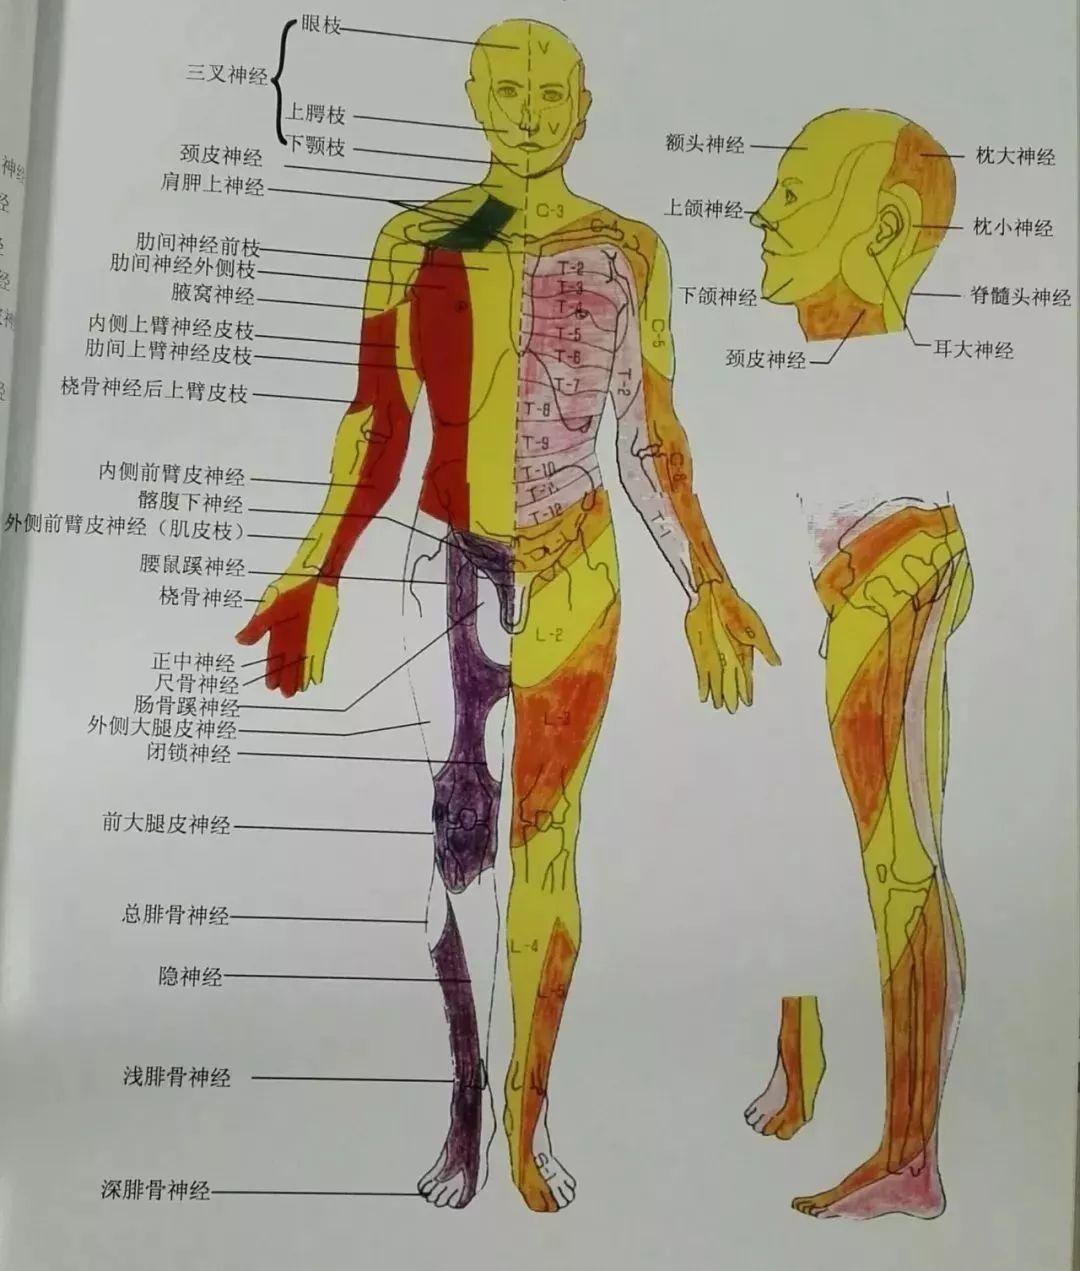 脊柱神经根支配分布图